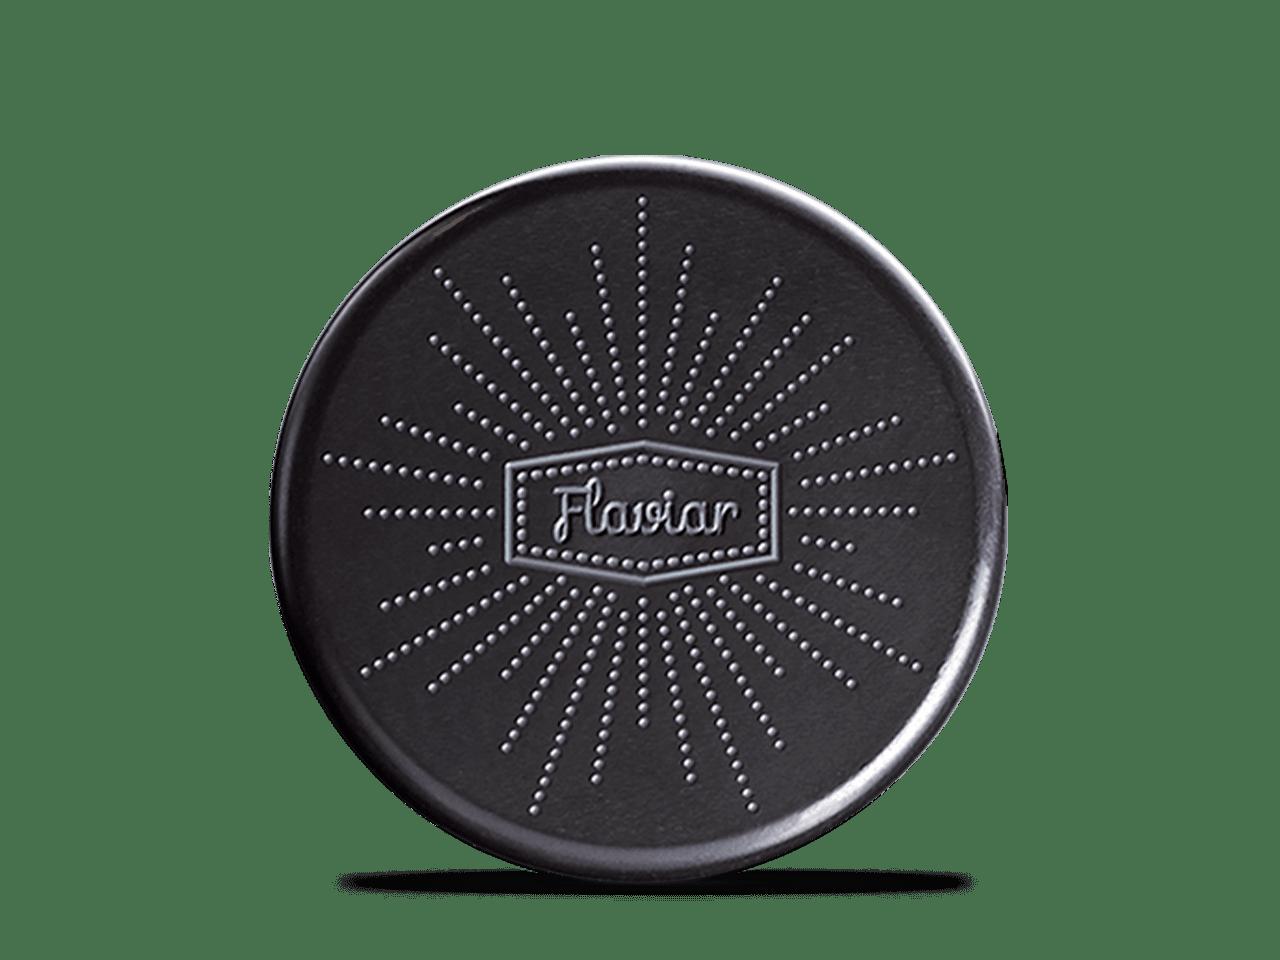 4 Flaviar Concrete Coasters